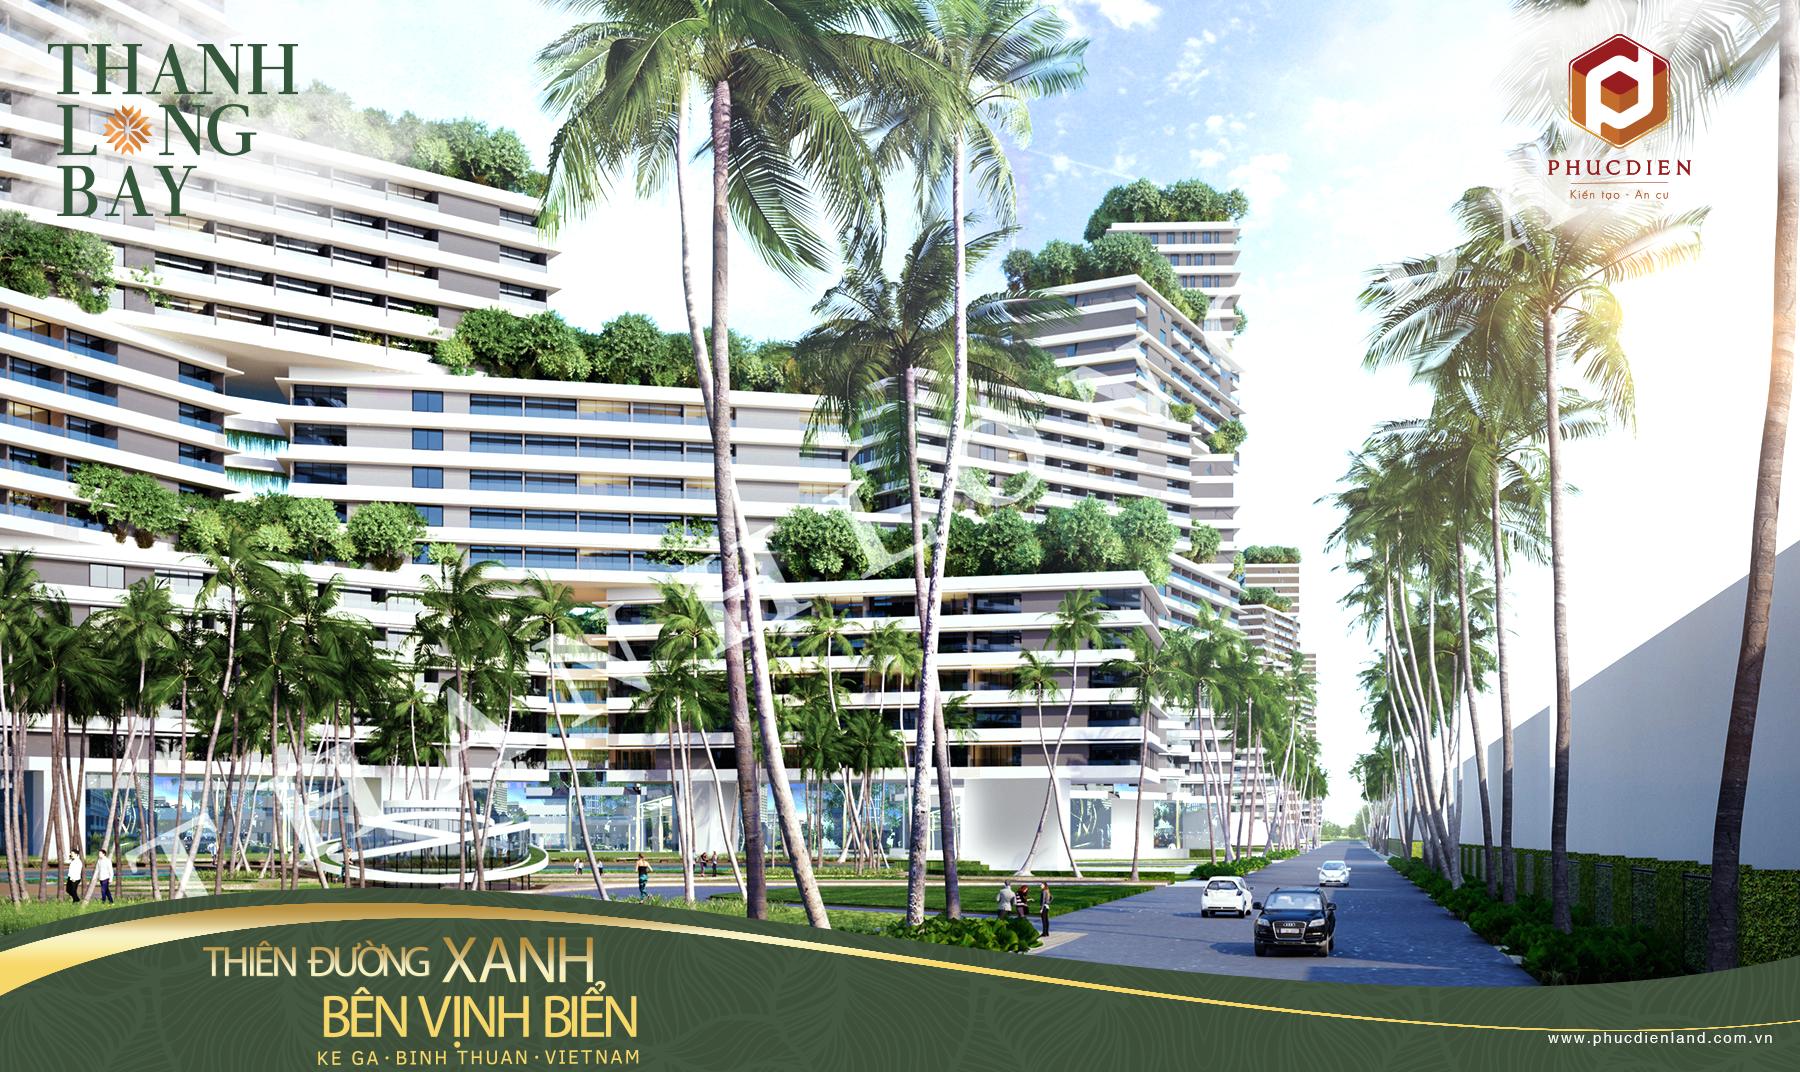 6 lý do hàng đầu hấp dẫn nhà đầu tư của dự án Thanh Long Bay 3